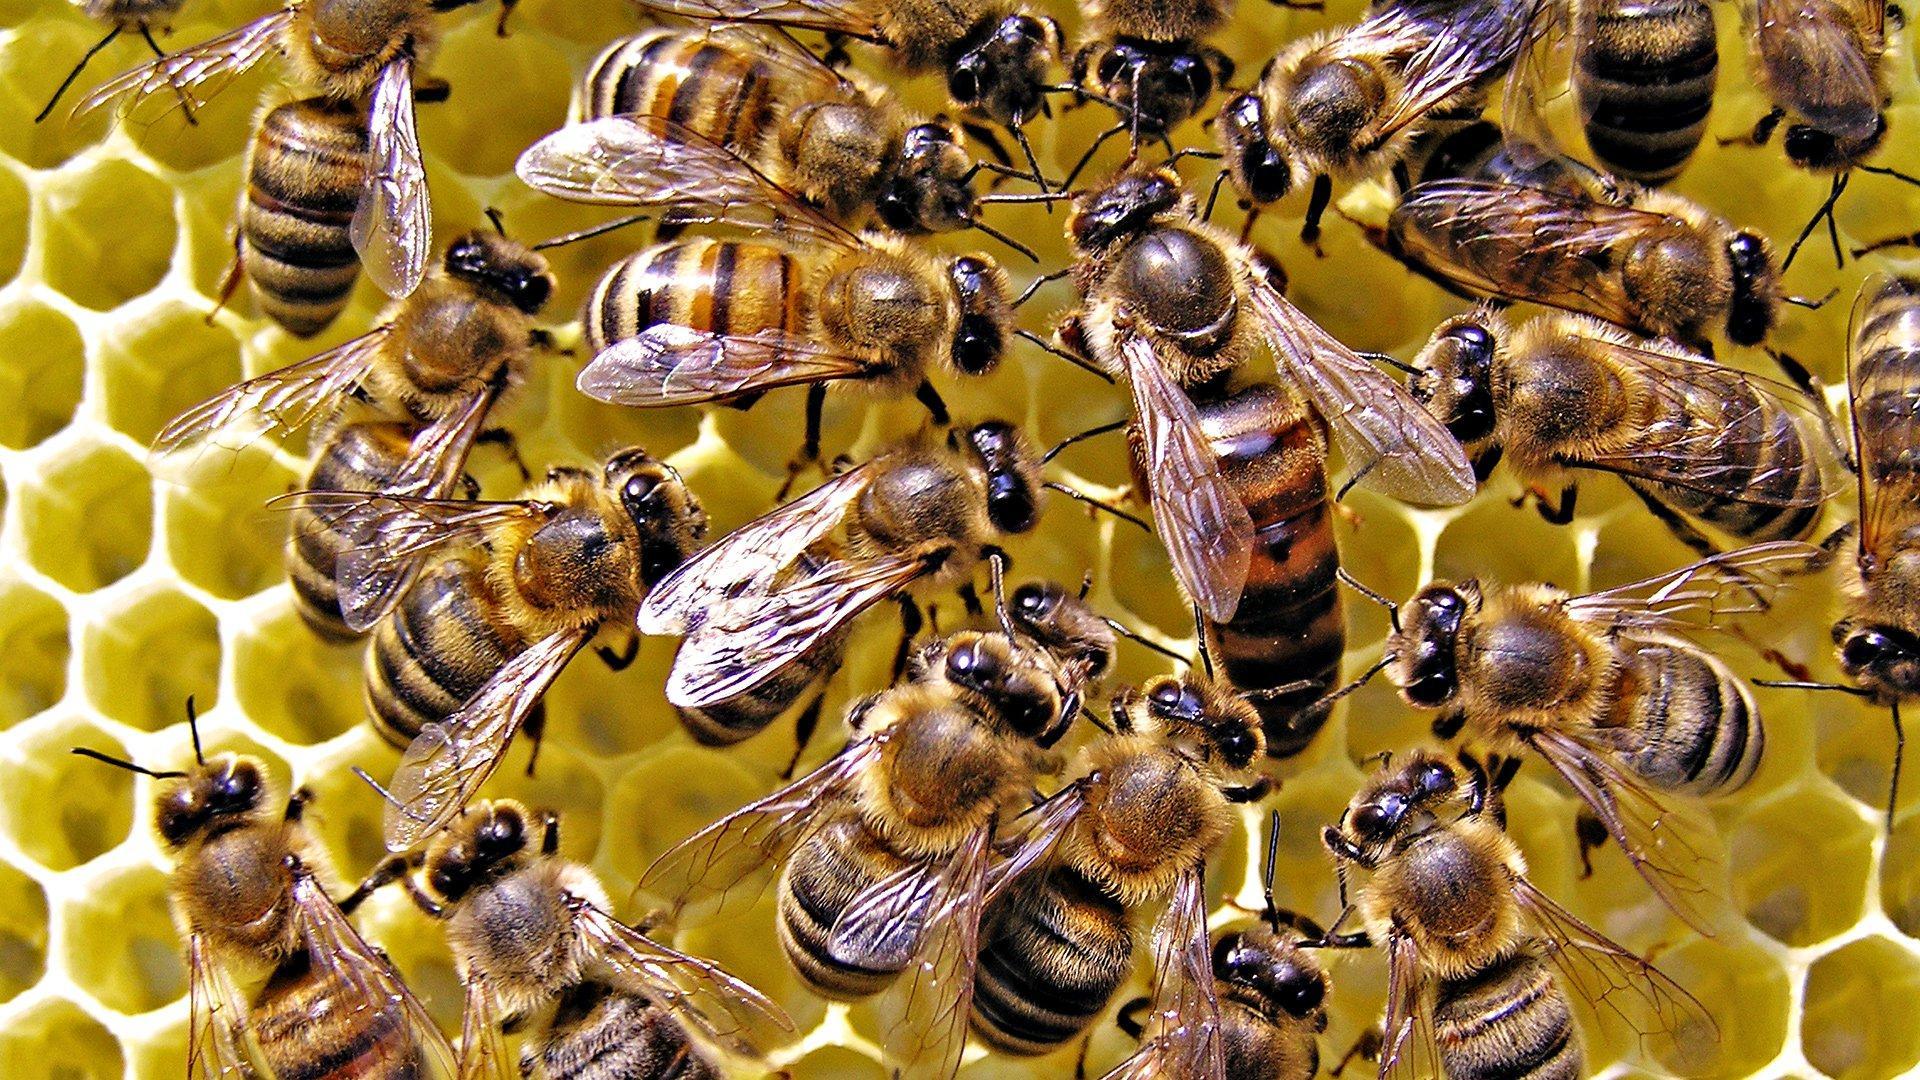 Пчелы как нейроны: учёные сравнили поведение колонии пчёл с работой мозга